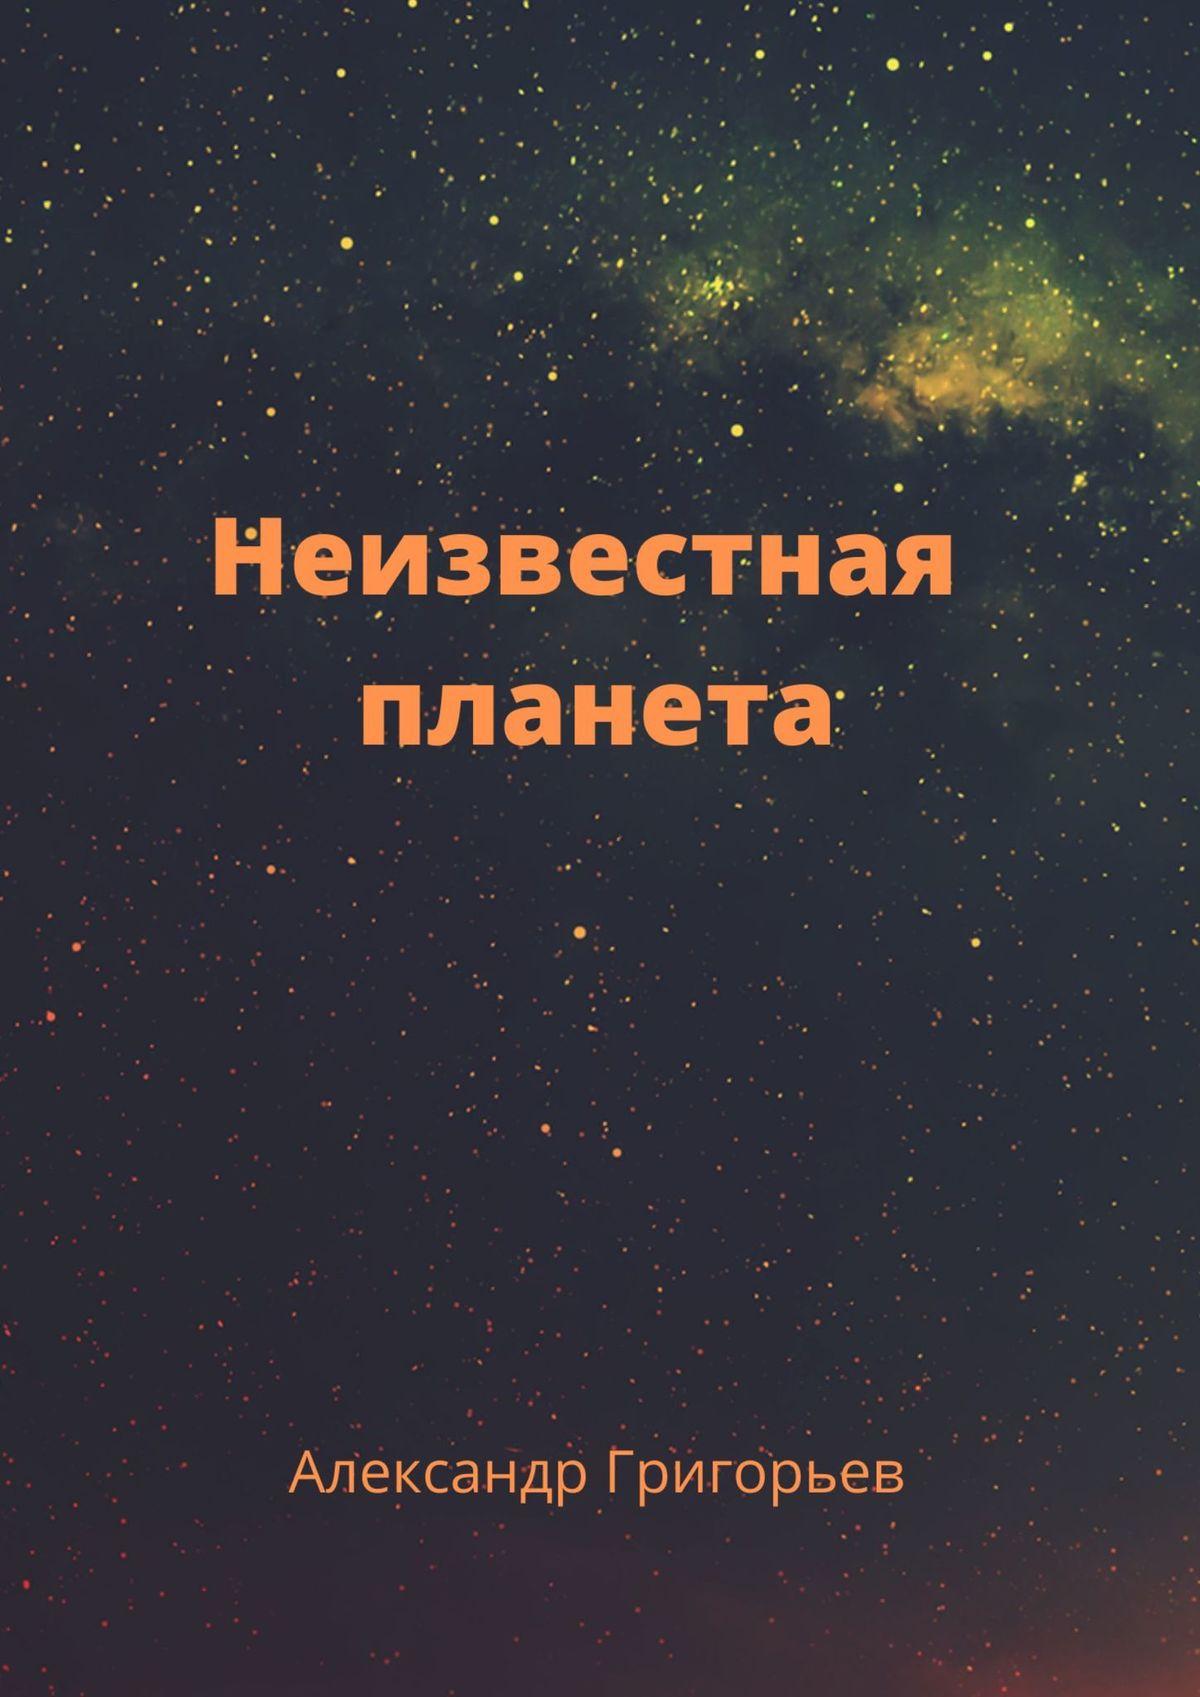 Александр Владимирович Григорьев Неизвестная планета александр владимирович григорьев ближайшее будущее